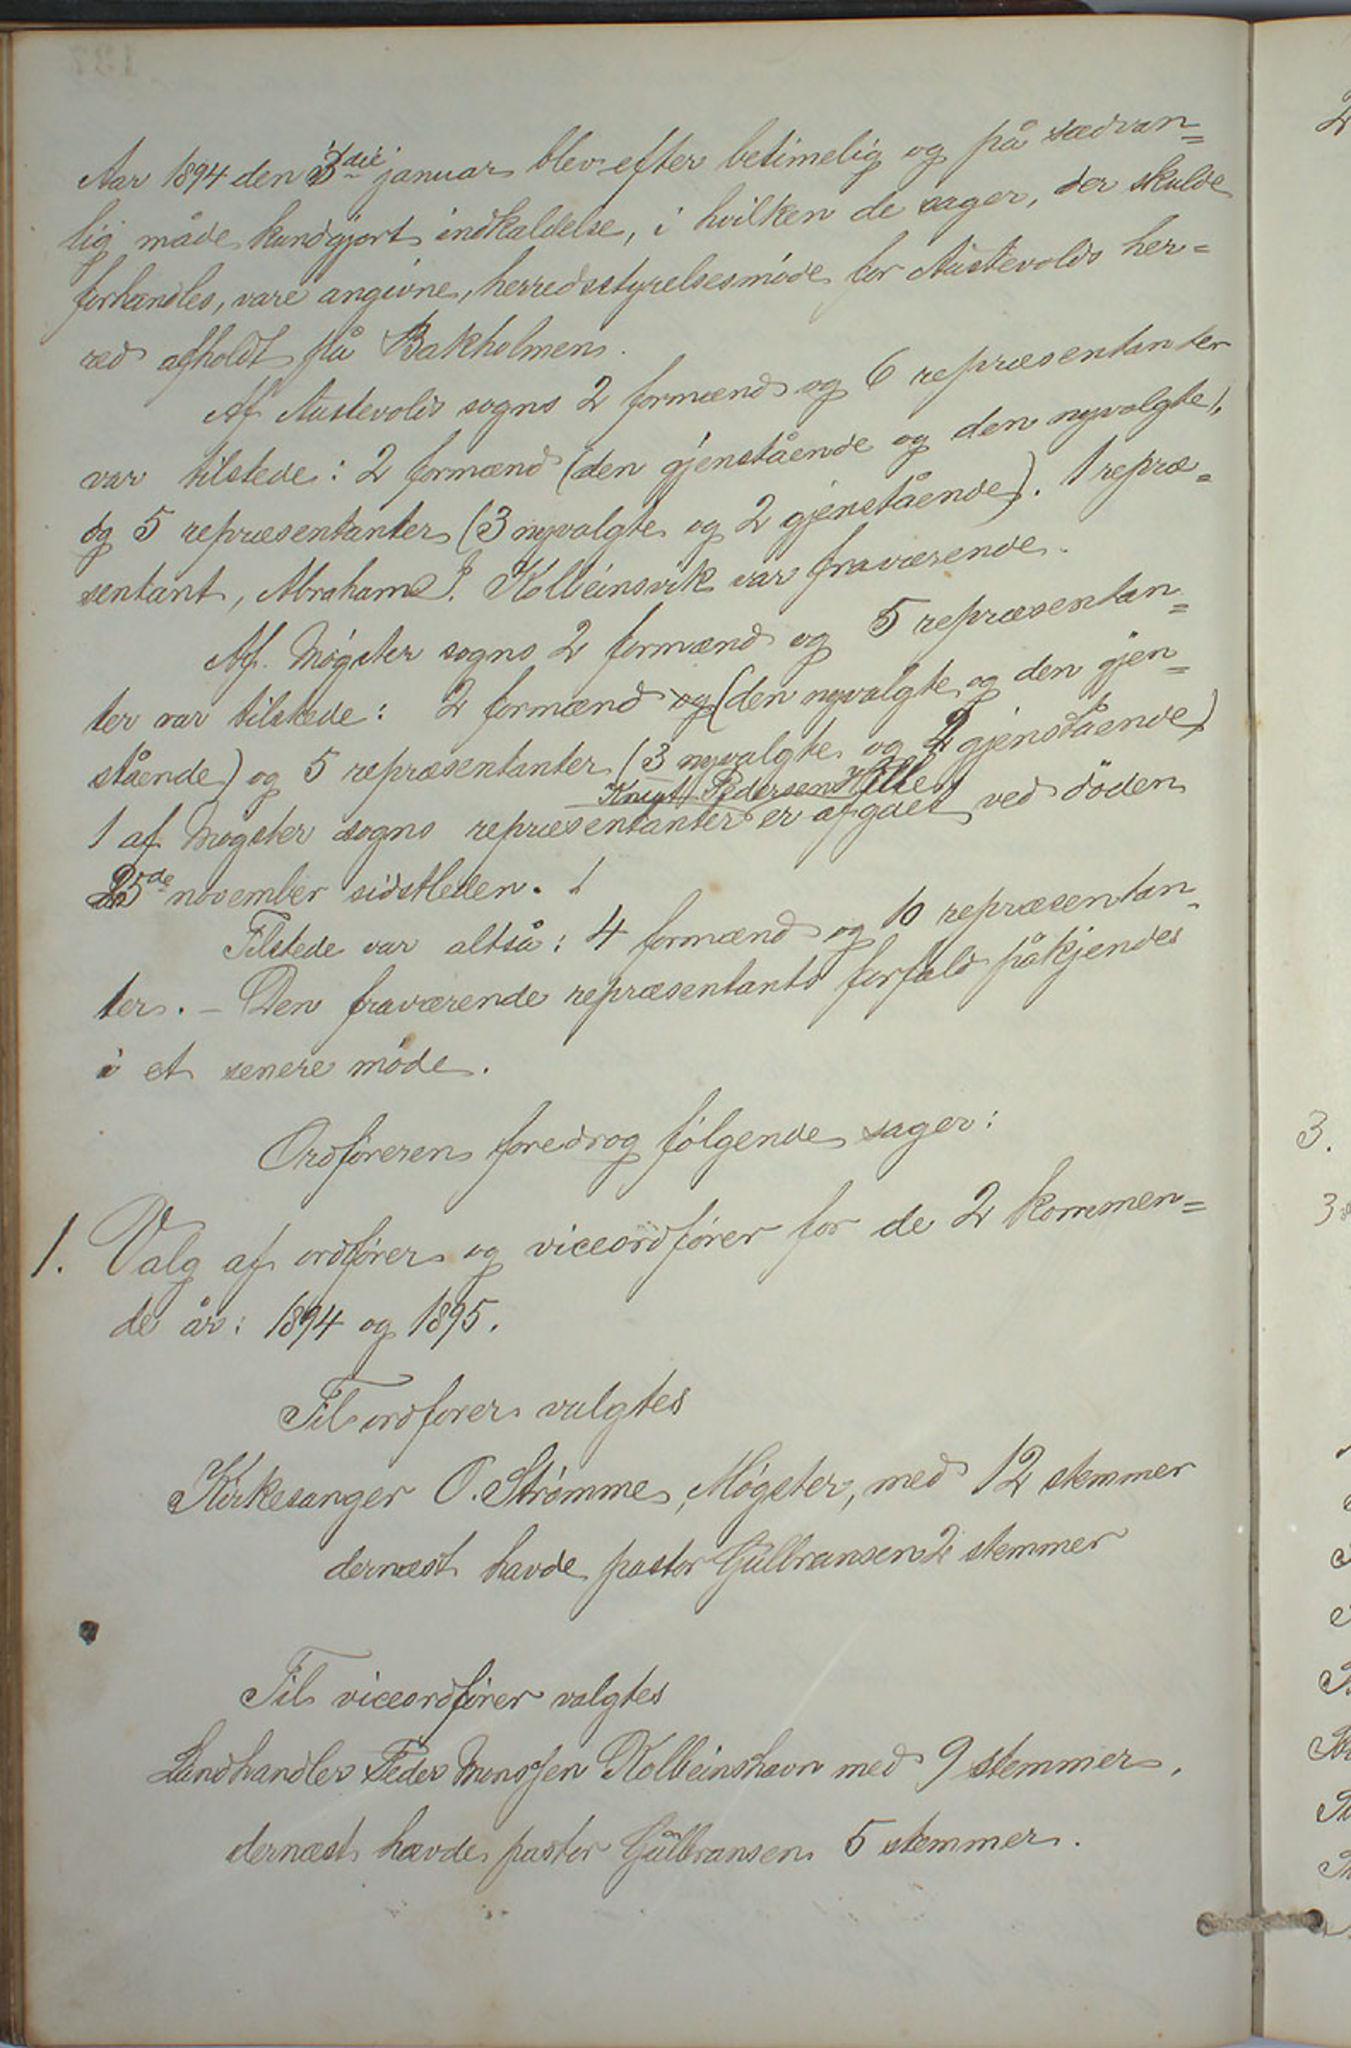 IKAH, Austevoll kommune. Formannskapet, A/Aa/L0001: Østervolds Herredsforhandlings-protokoll, 1886-1900, s. 275